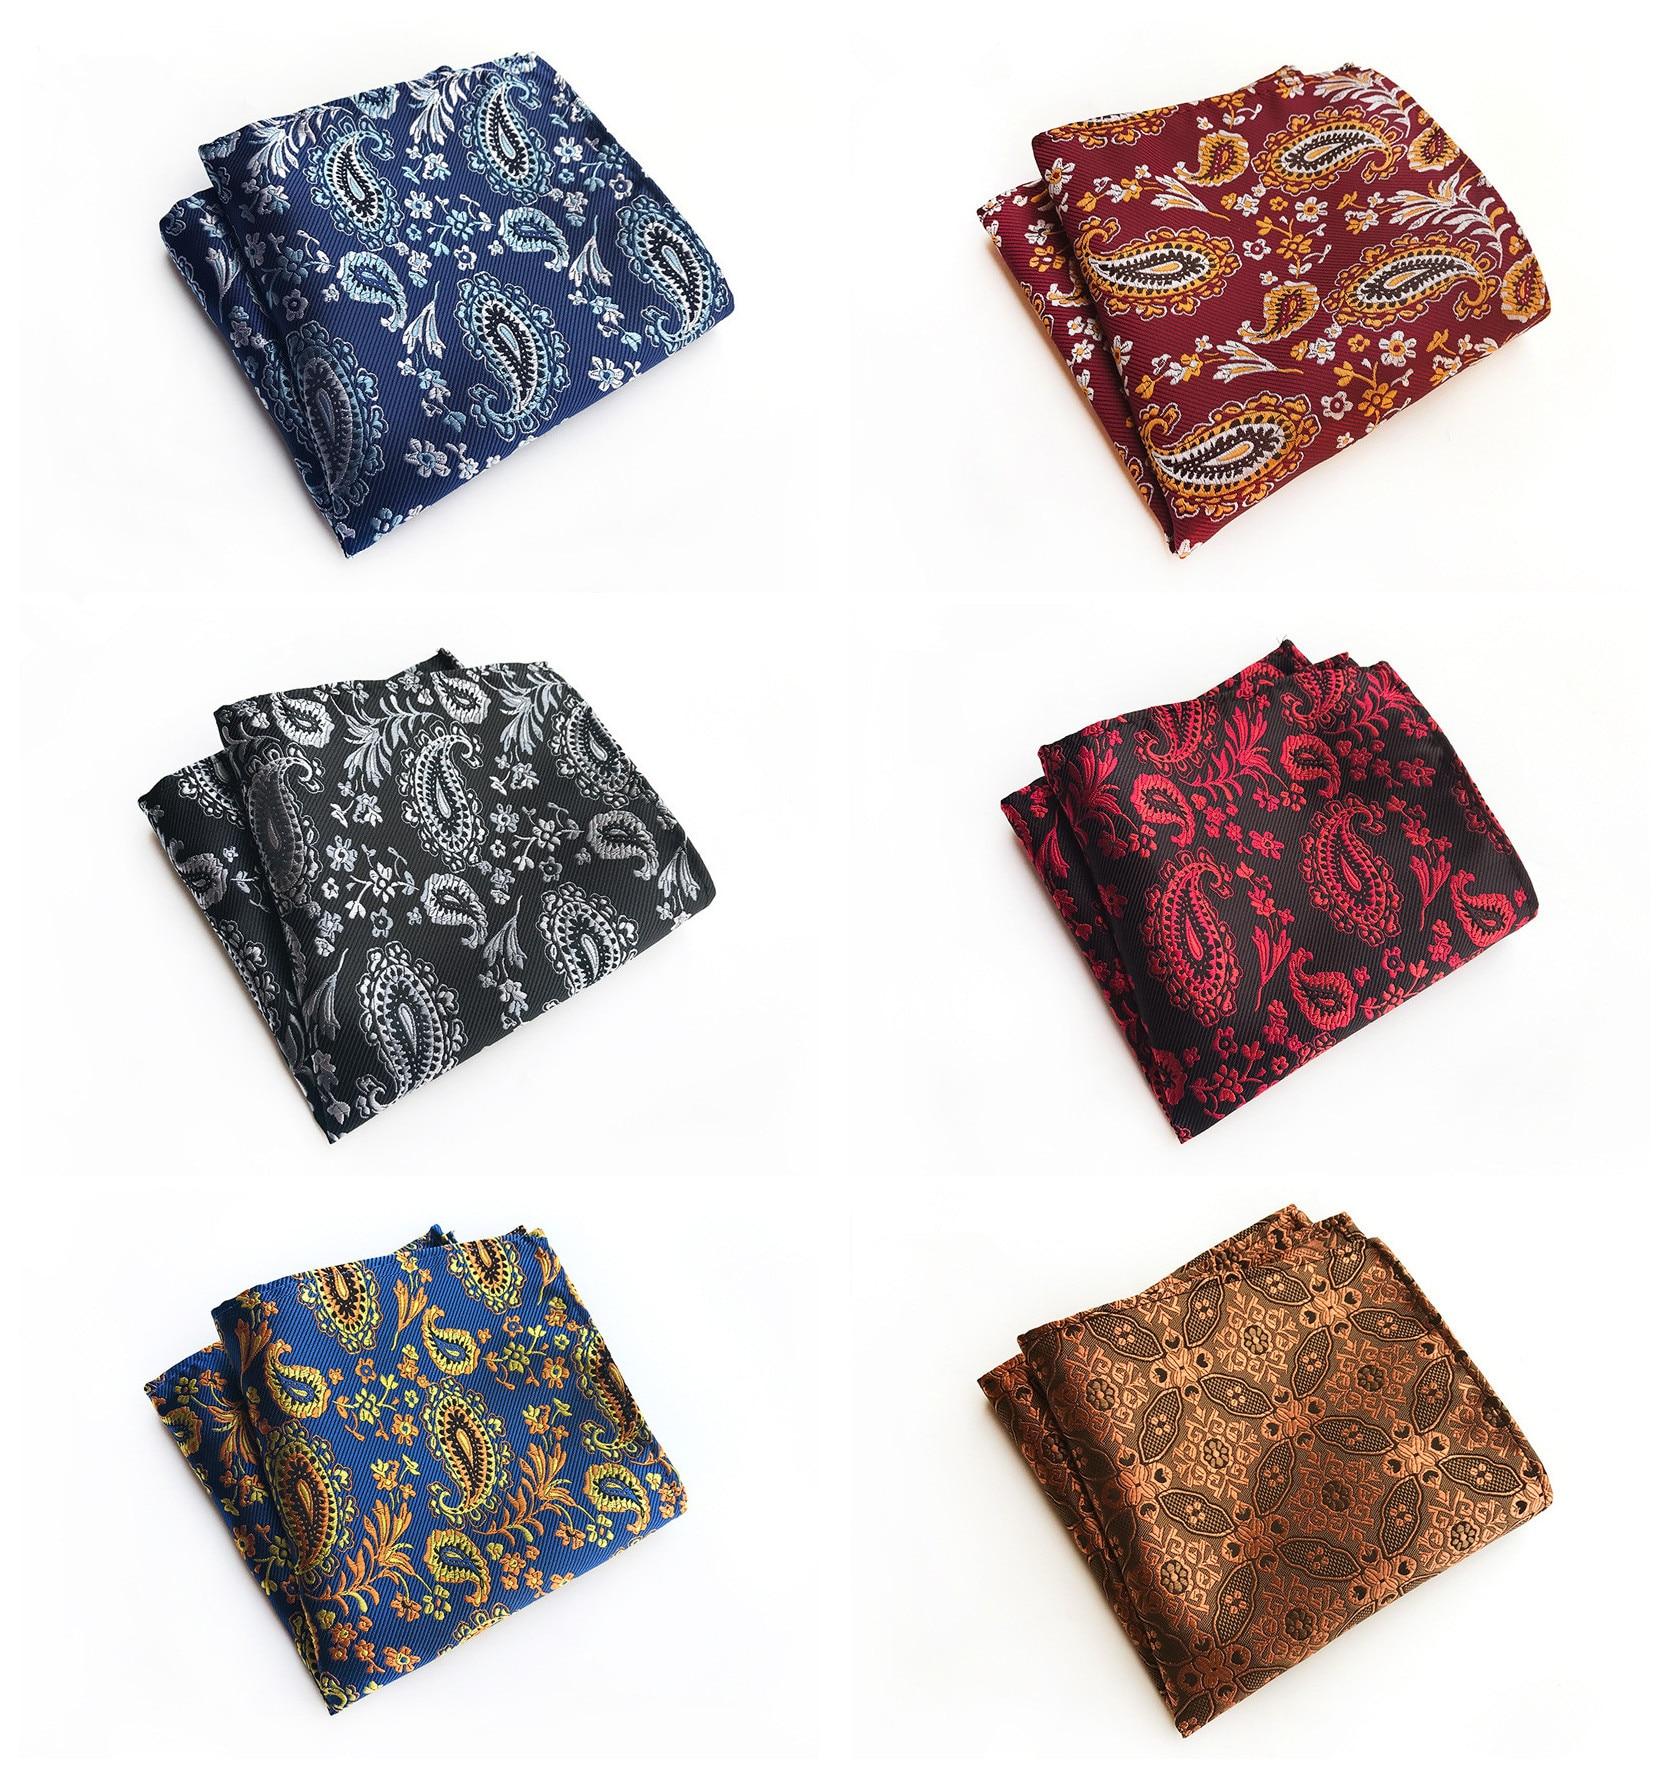 Fashion Unique Design Polyester Material Dress Pocket Towel 2020 Fashion Explosion Men's Business Suit Handkerchief Towel